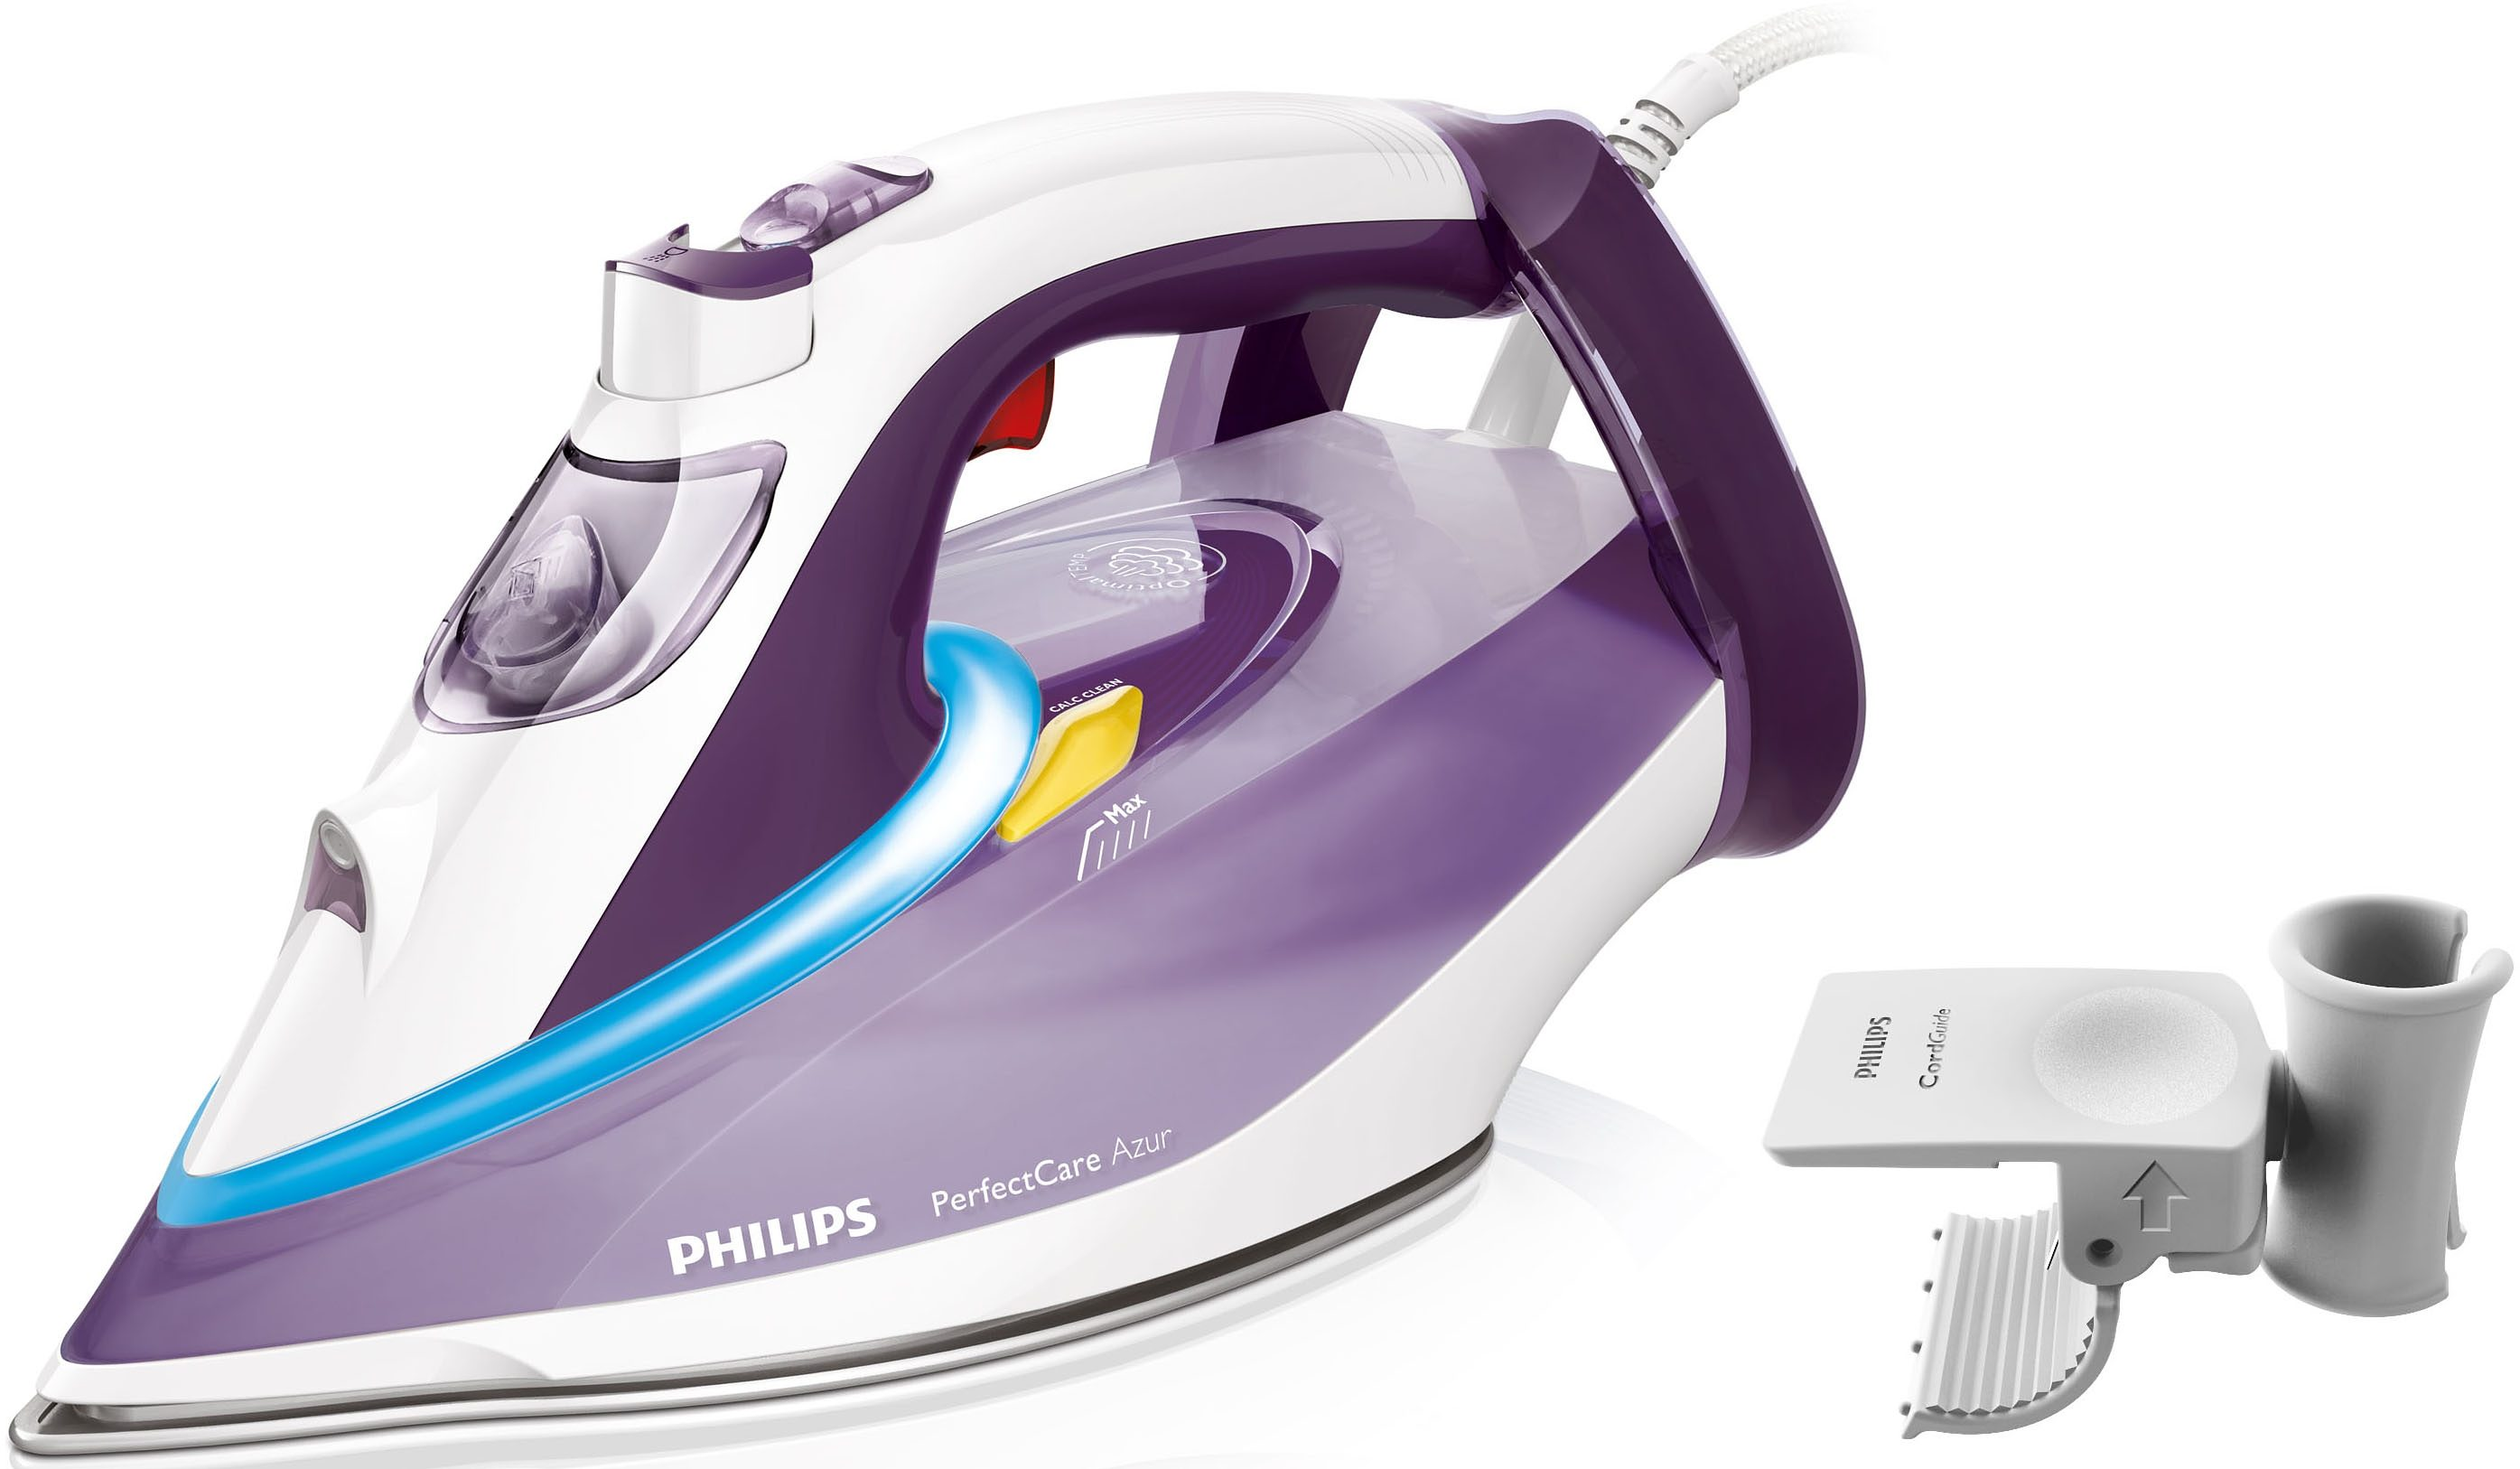 Philips Bügeleisen GC4928/30 PerfectCare Azur, T-IonicGlide Sohle, 3000 Watt